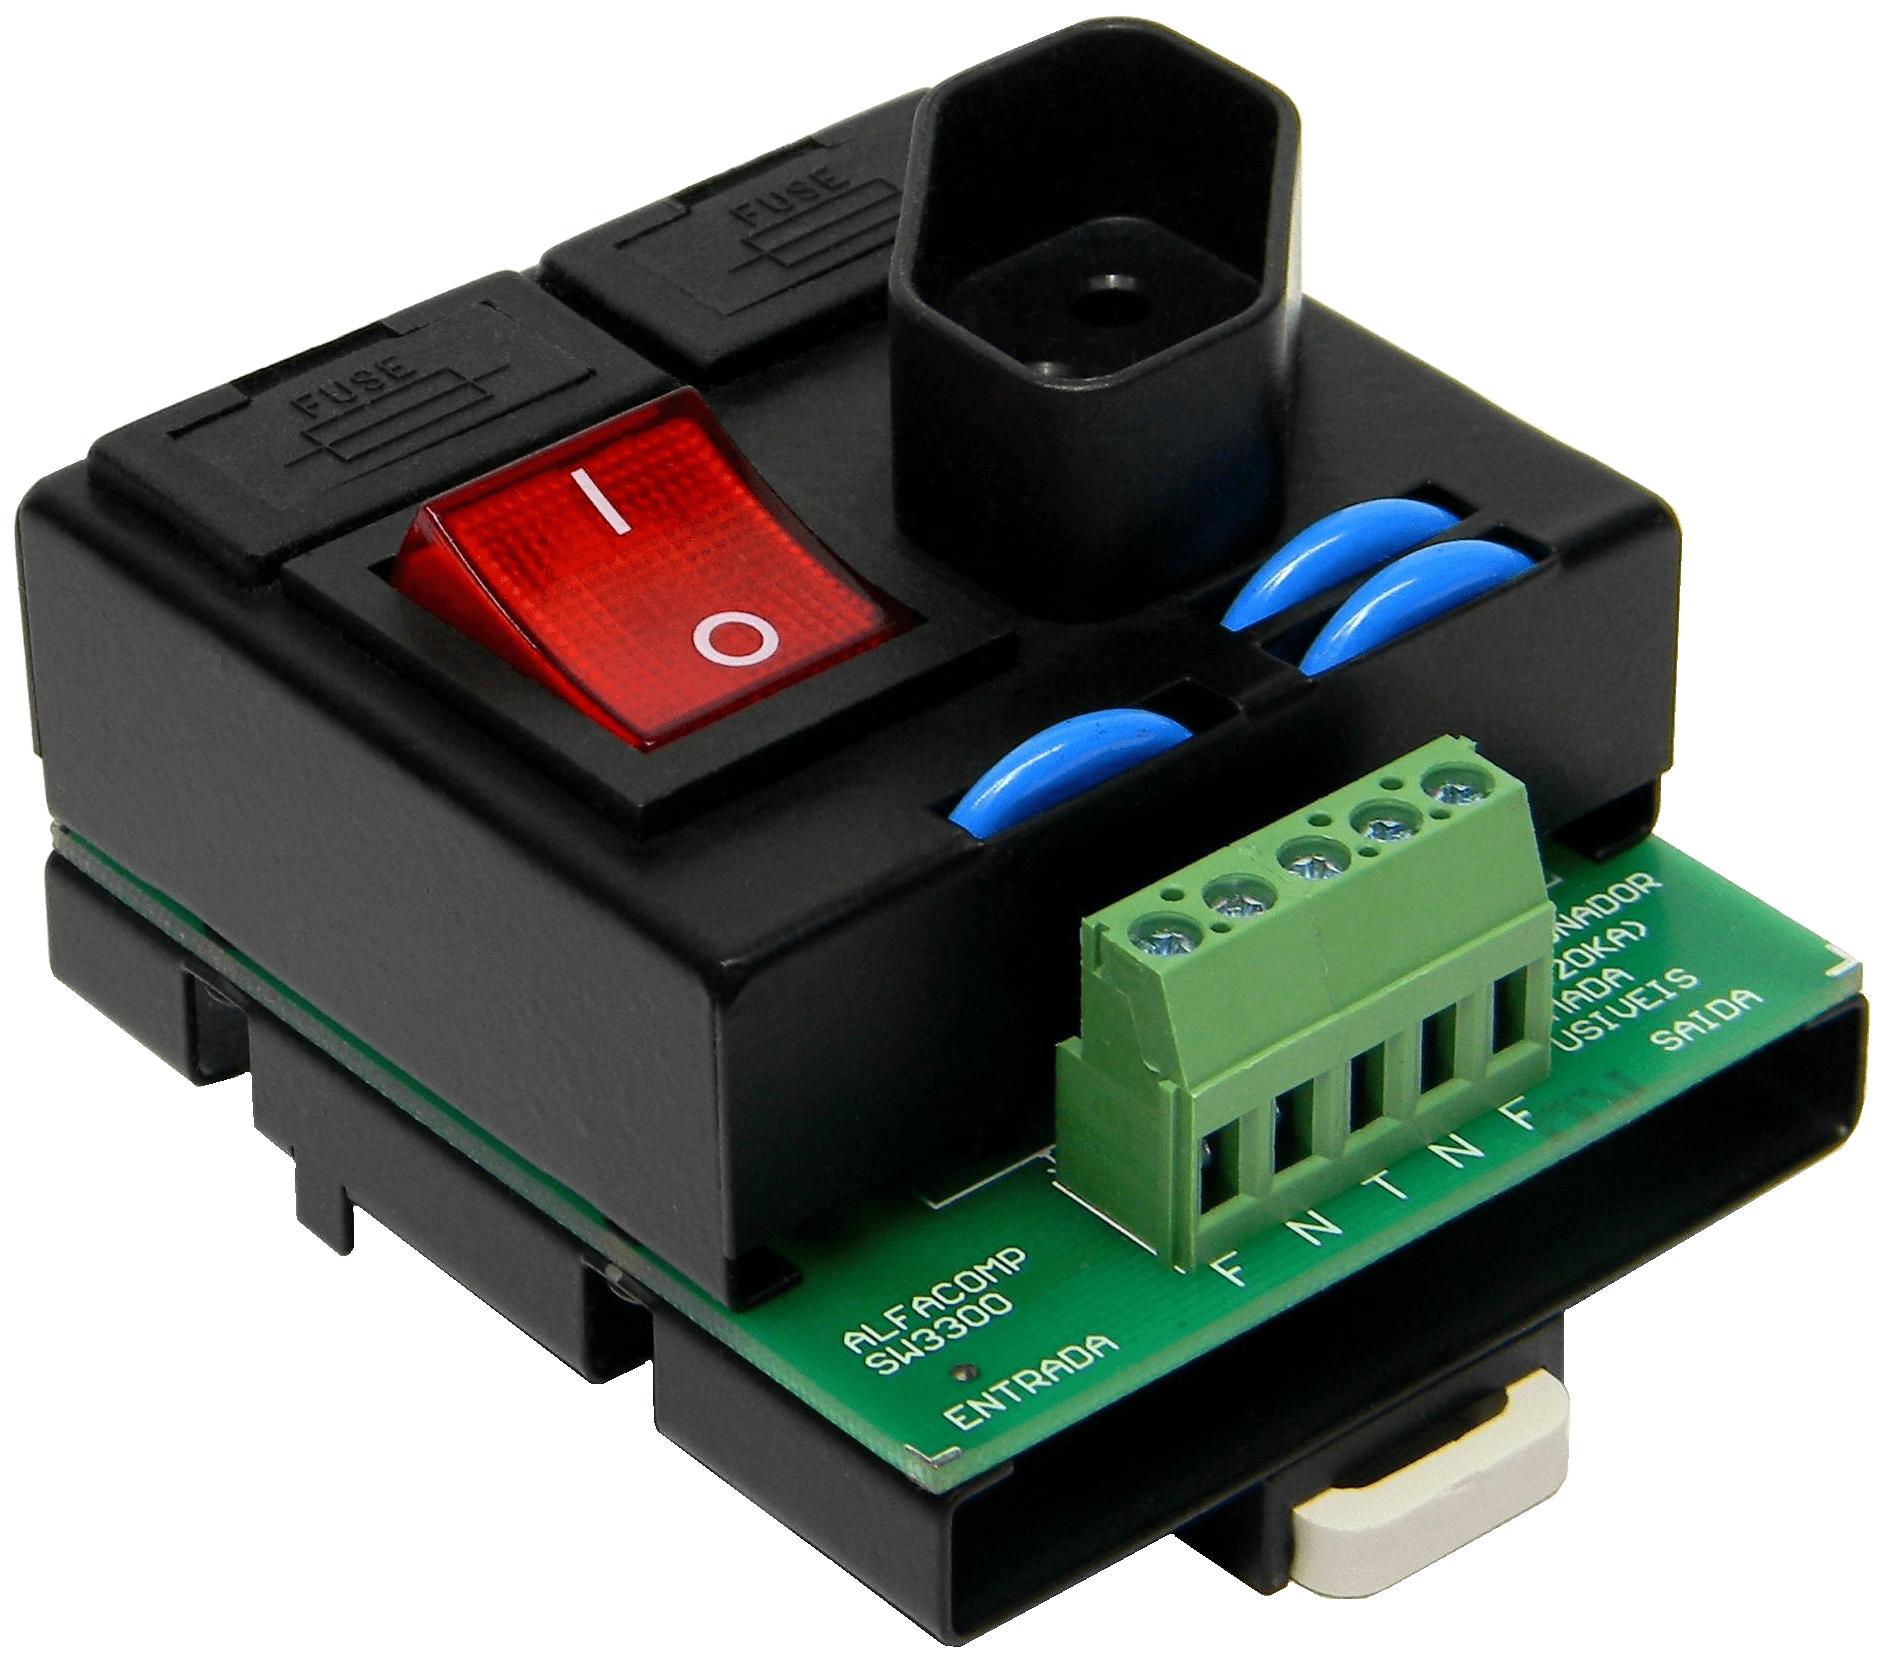 DPS seccionador e tomada em um módulo compacto